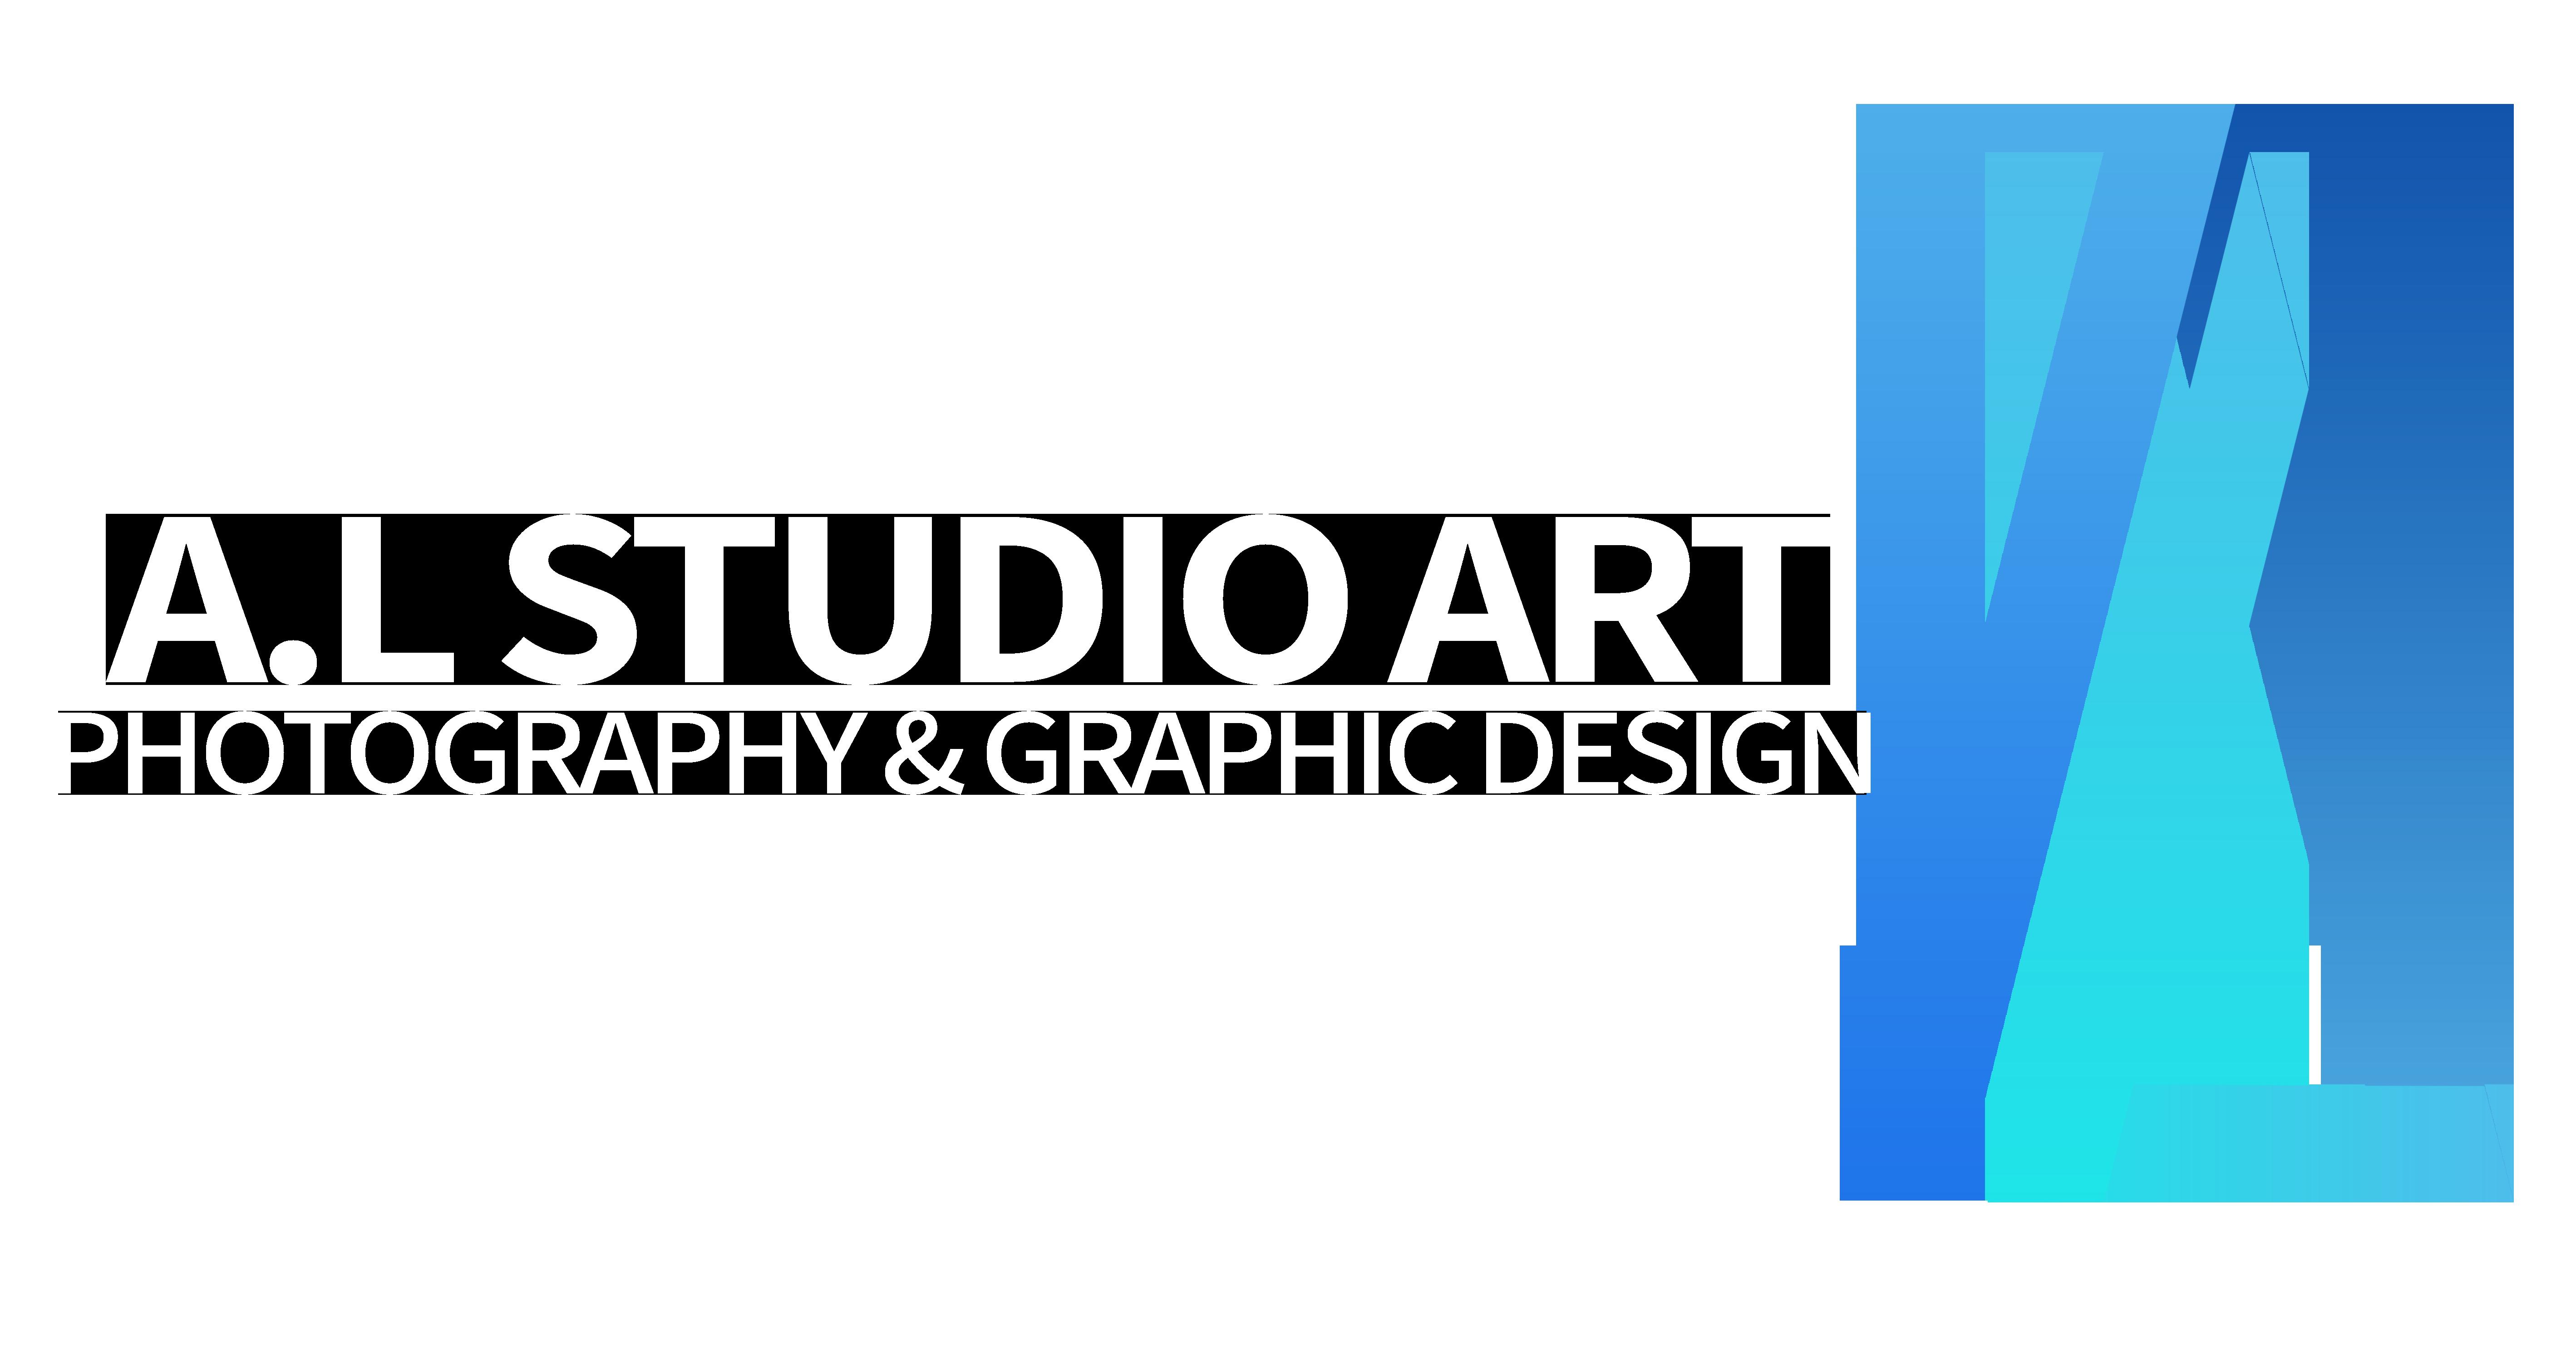 A.L Studio art